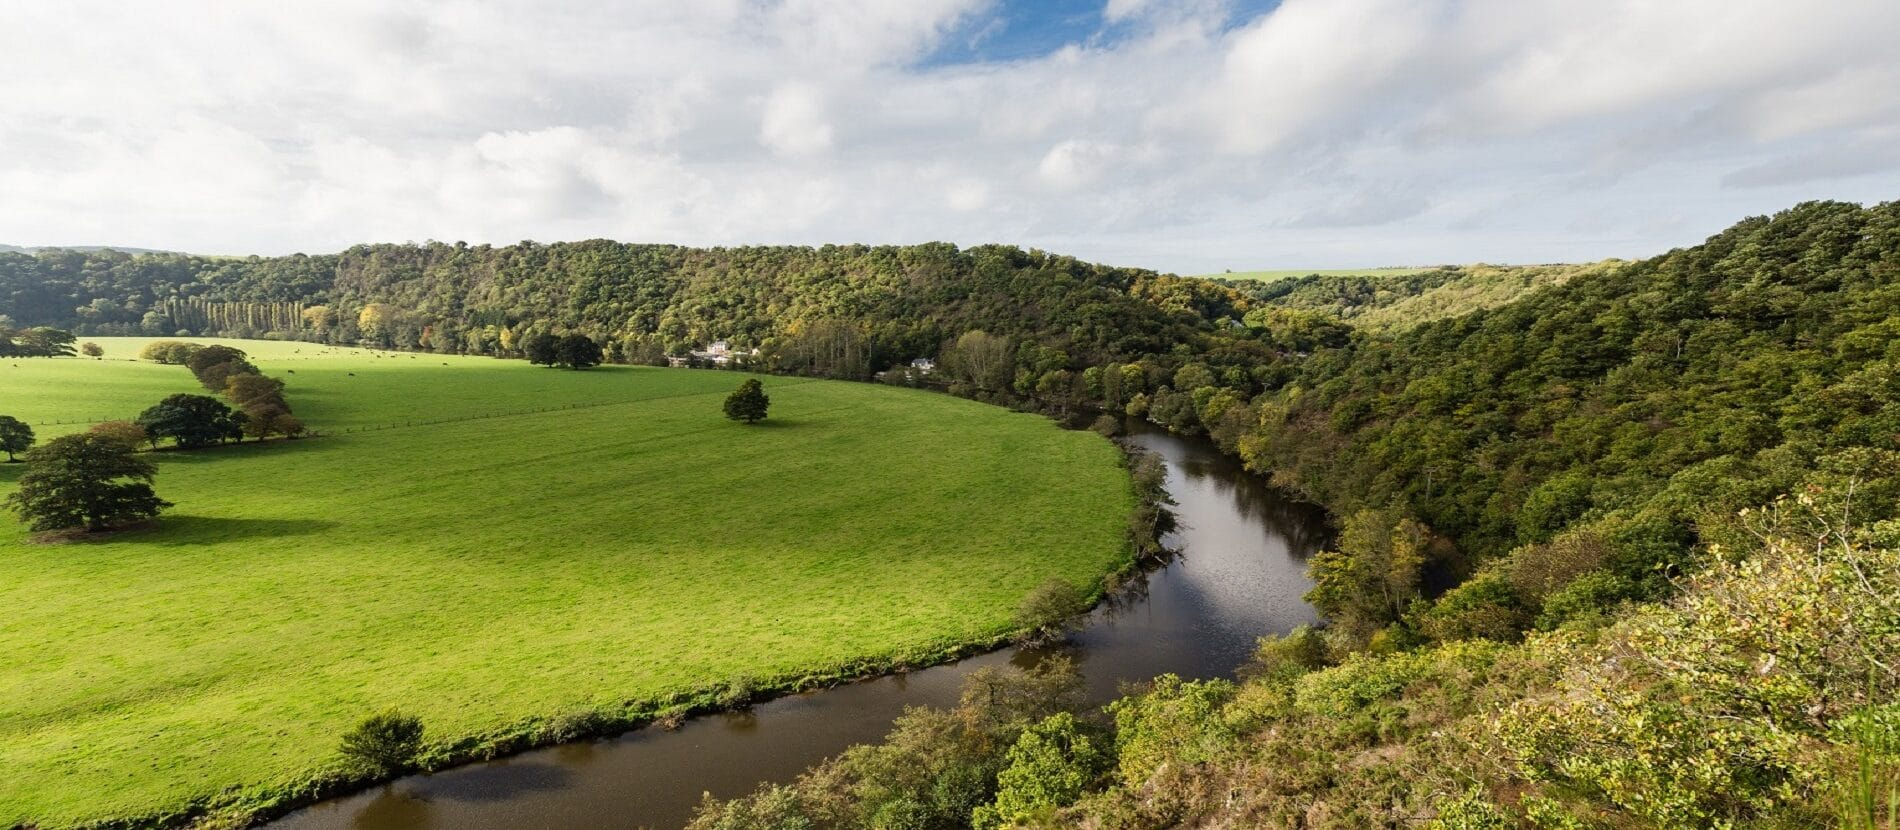 paysage avec cours d'eau